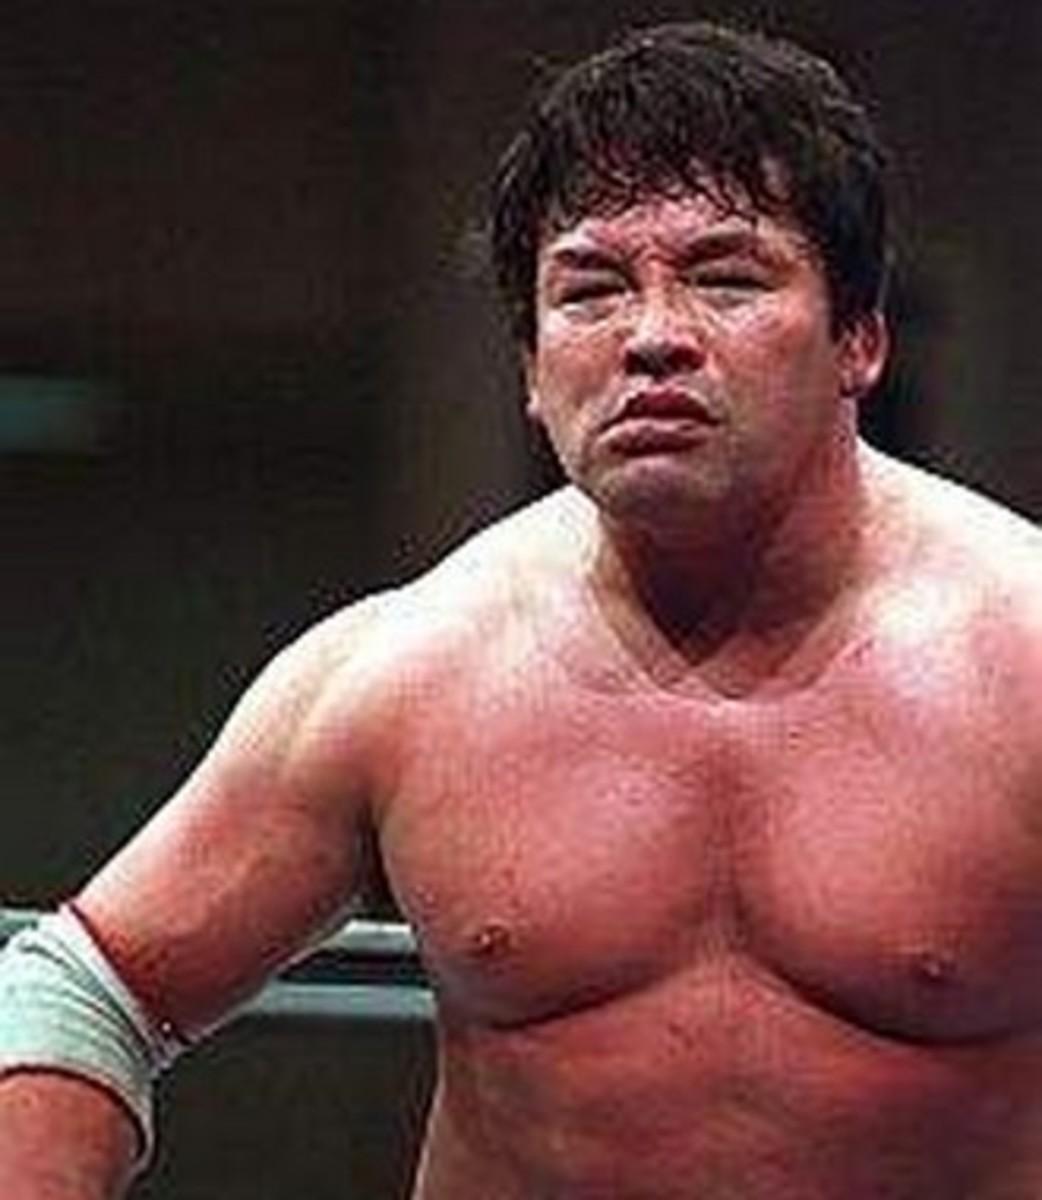 Tsuyoshi Kikuchi